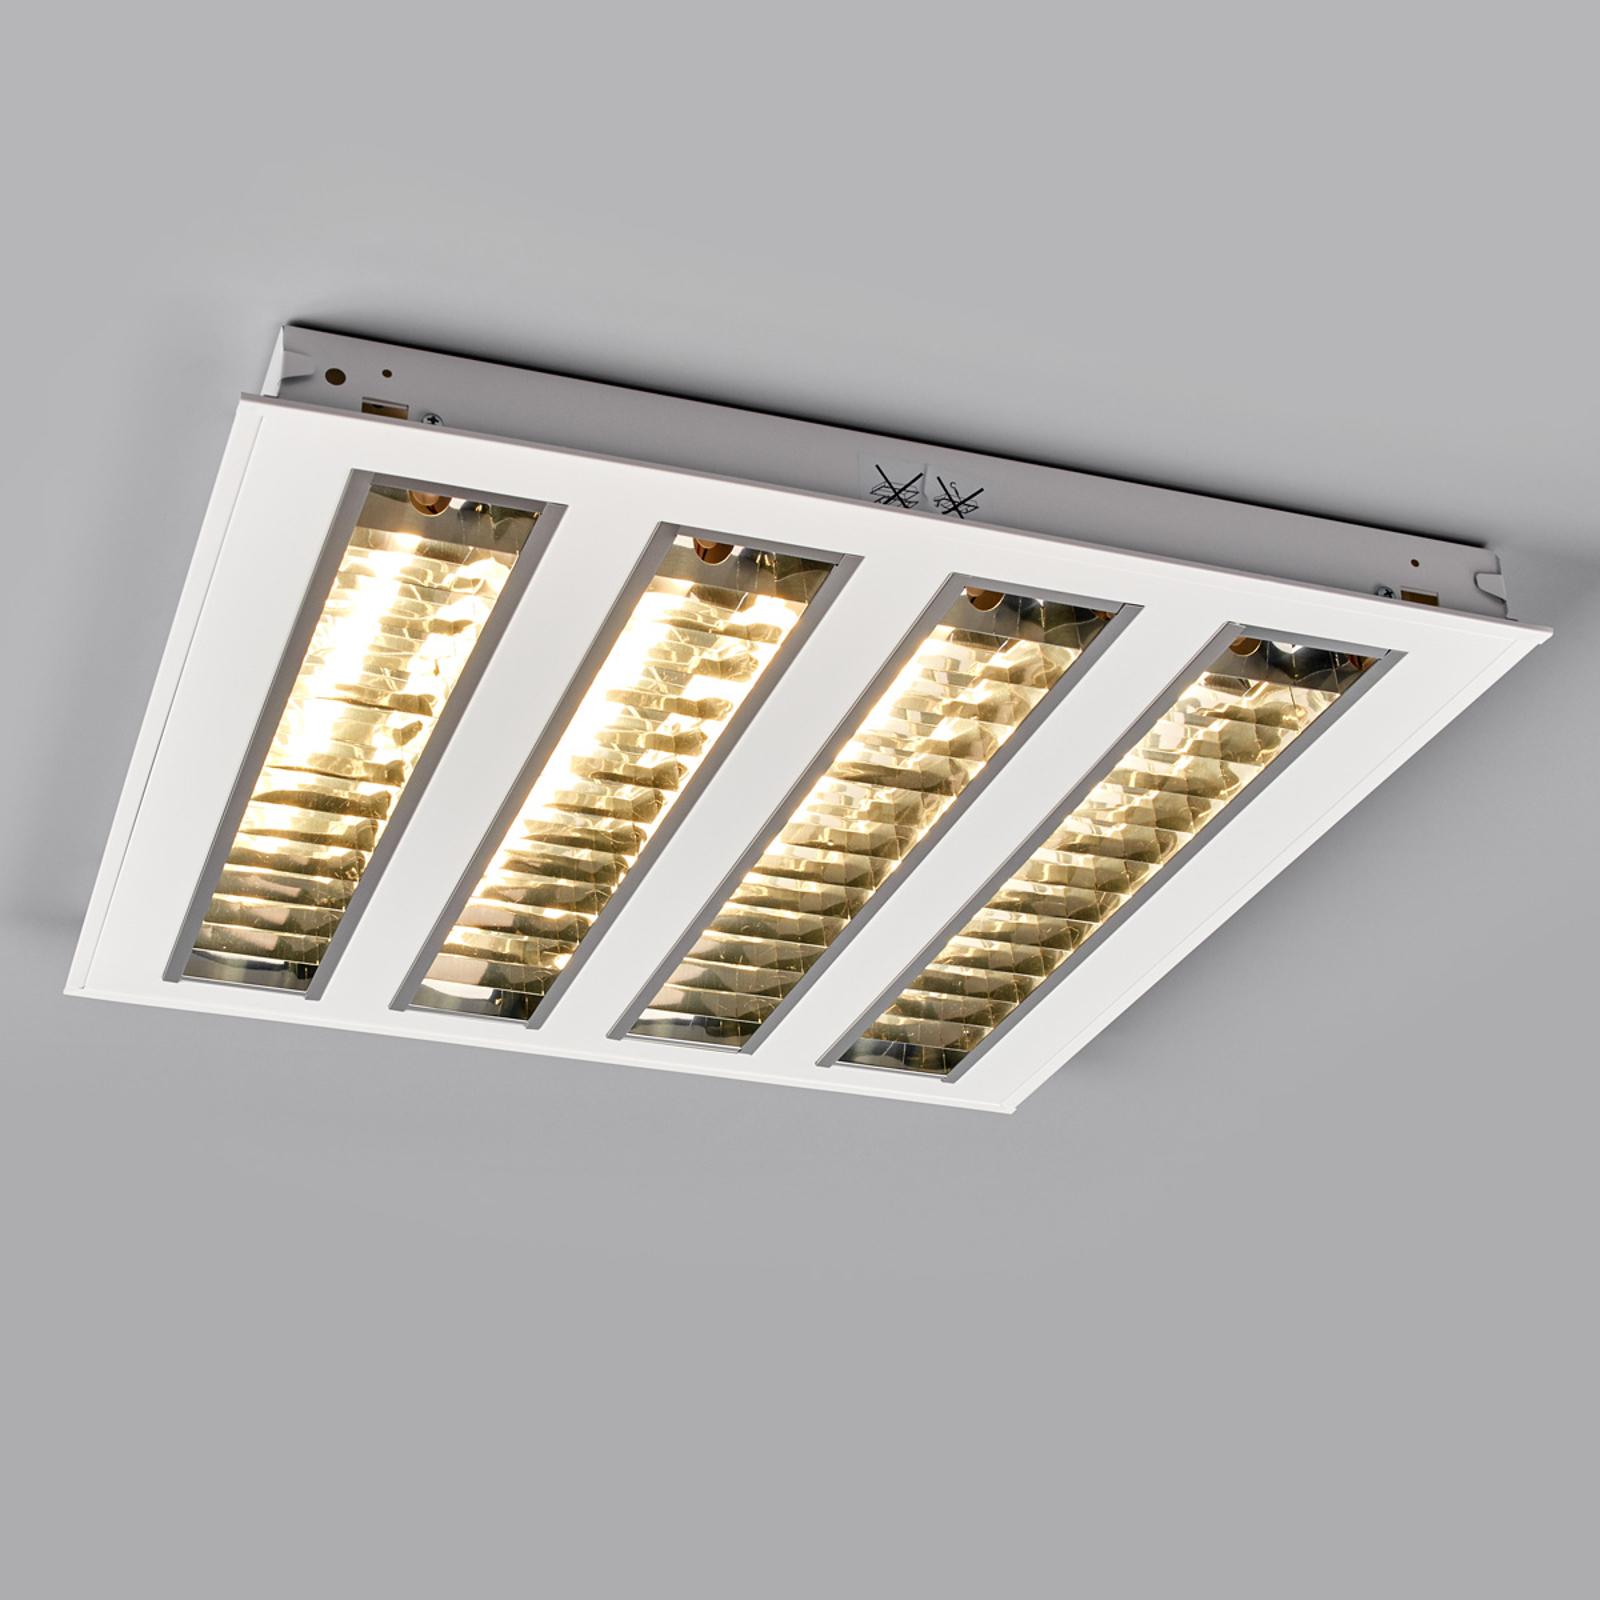 LED-gitter indlægningsarmatur m. fire gitre 4.000K